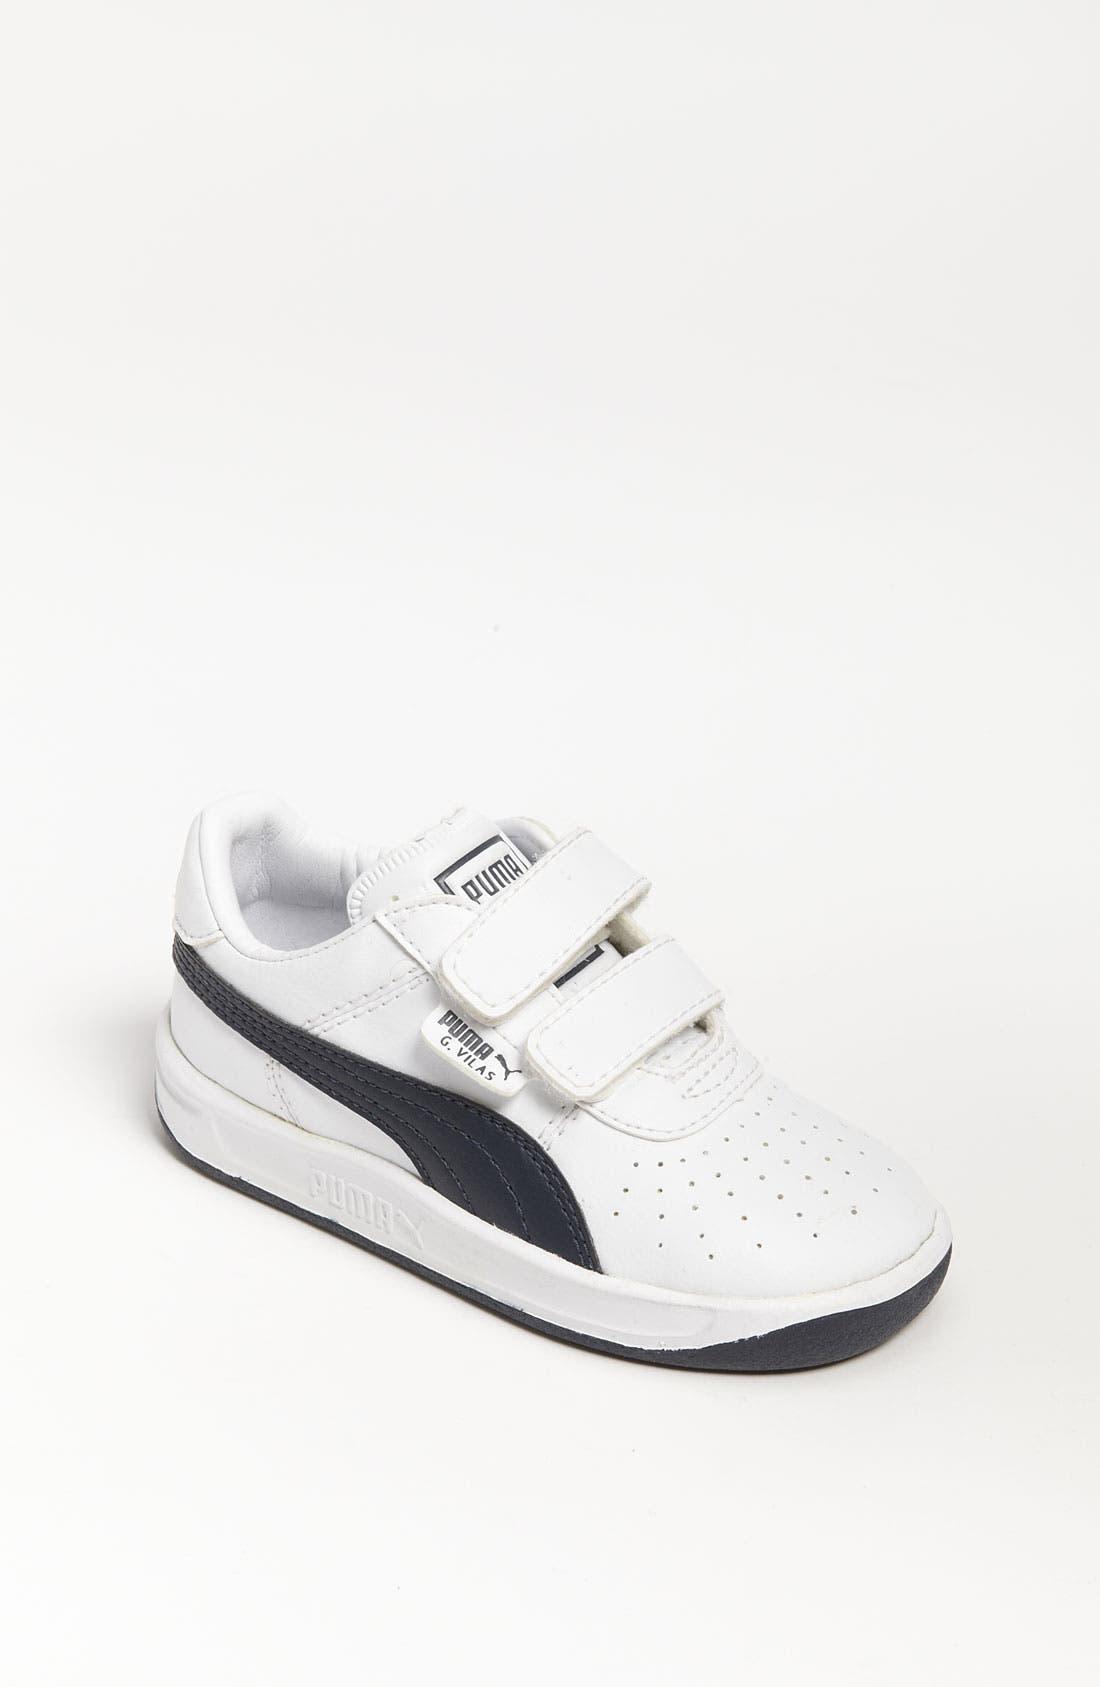 Main Image - PUMA 'Vilas II' Sneaker (Baby, Walker, Toddler, Little Kid & Big Kid)